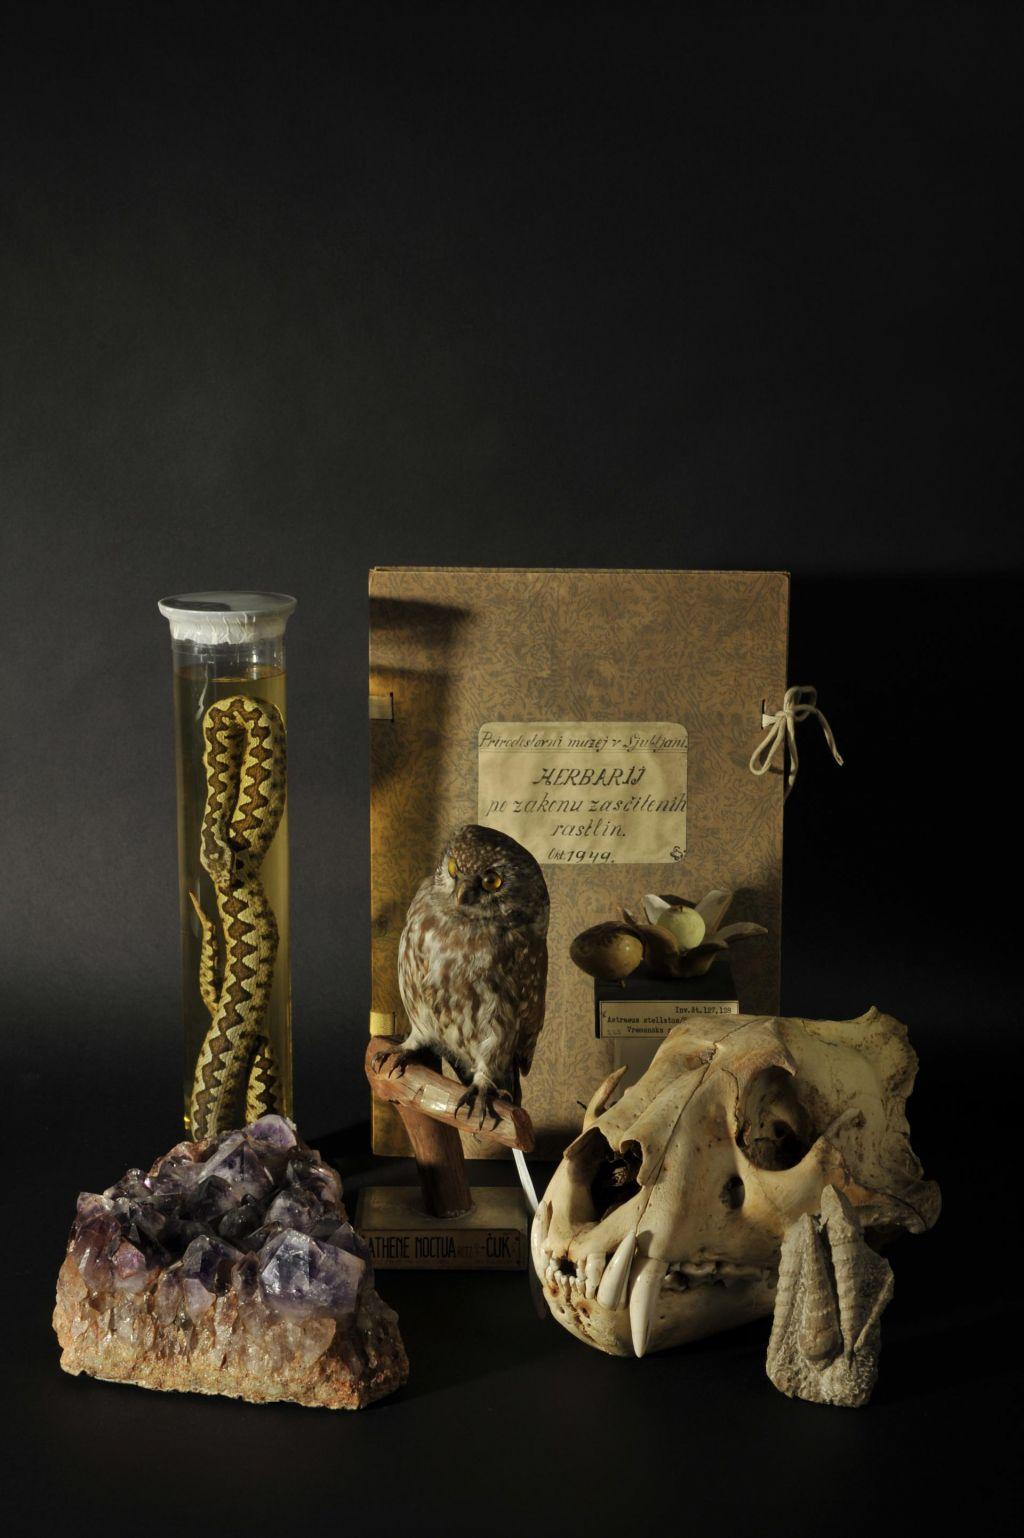 FOTO:»Če zbirka propada, tega nihče ne izreče, prenevarno je. Muzeji preživijo s skrivanjem«